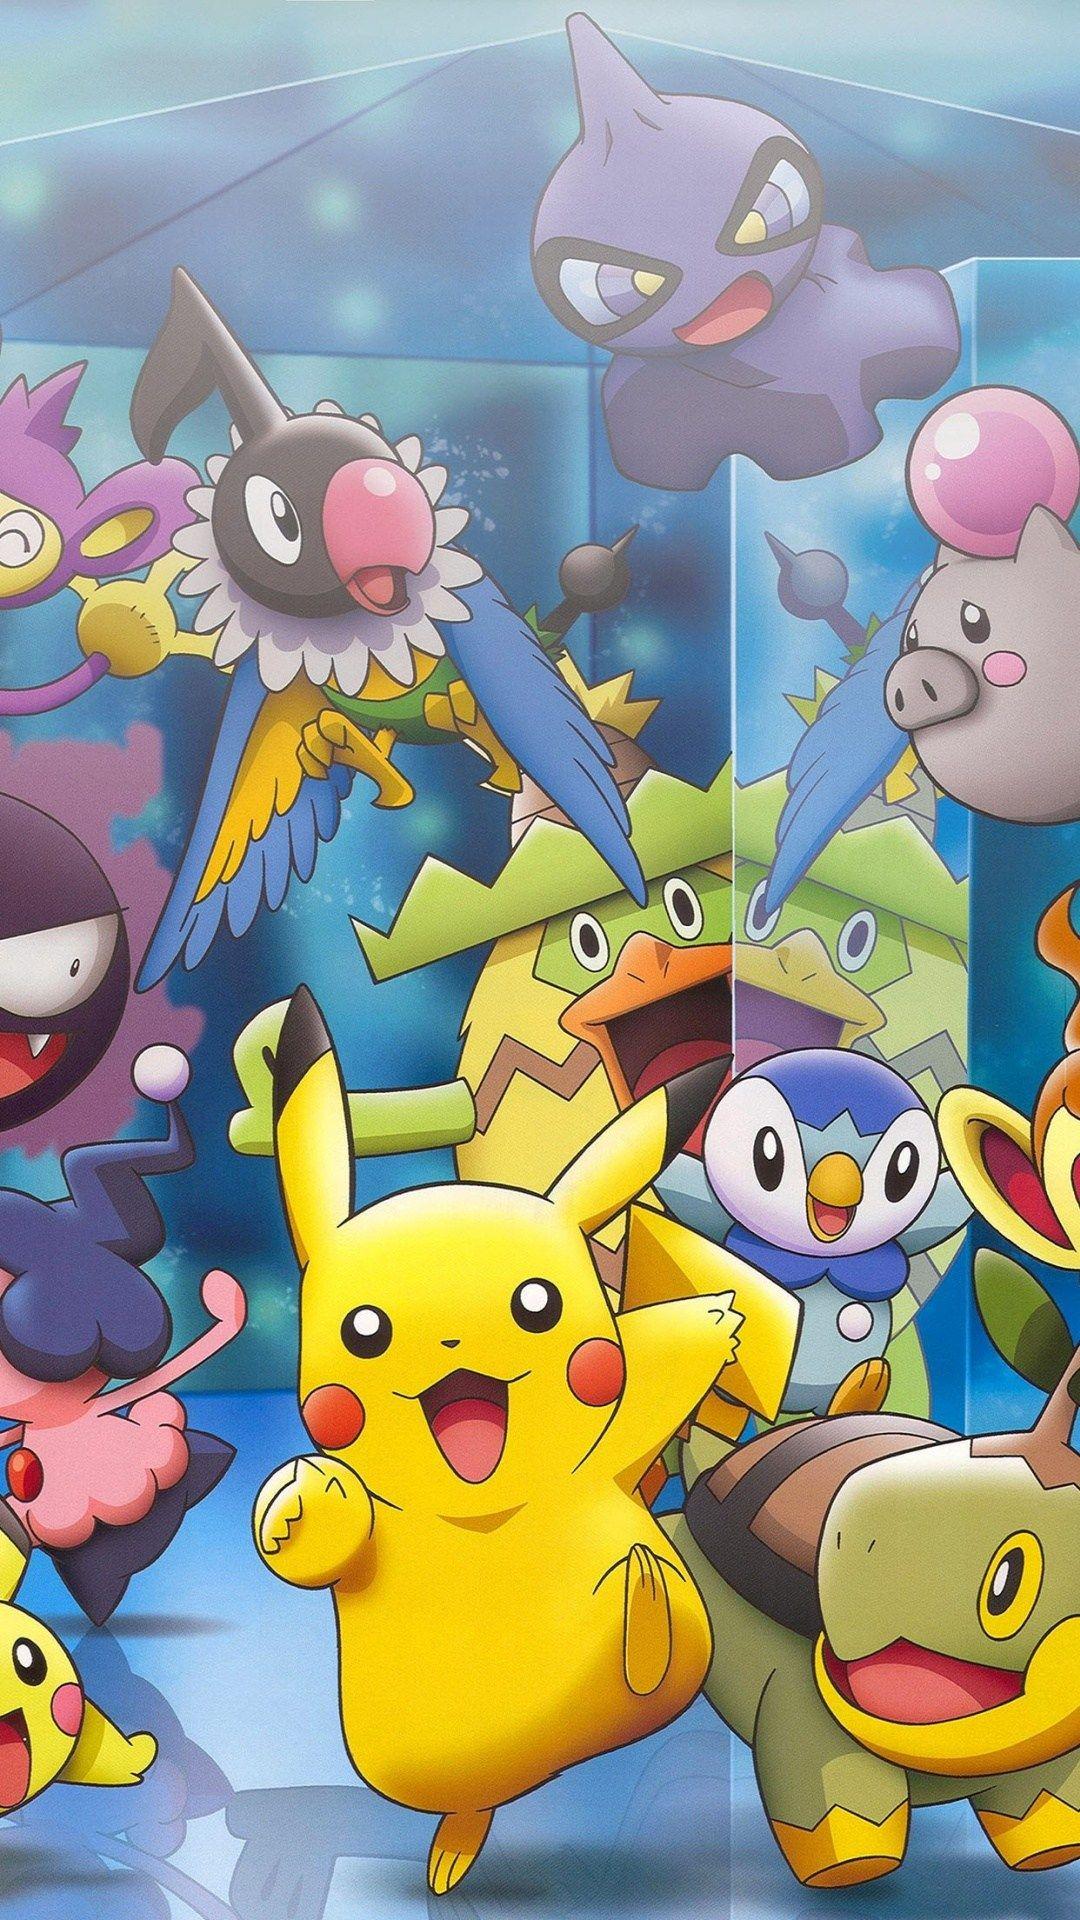 Pokemon Cool Wallpaper for Phone